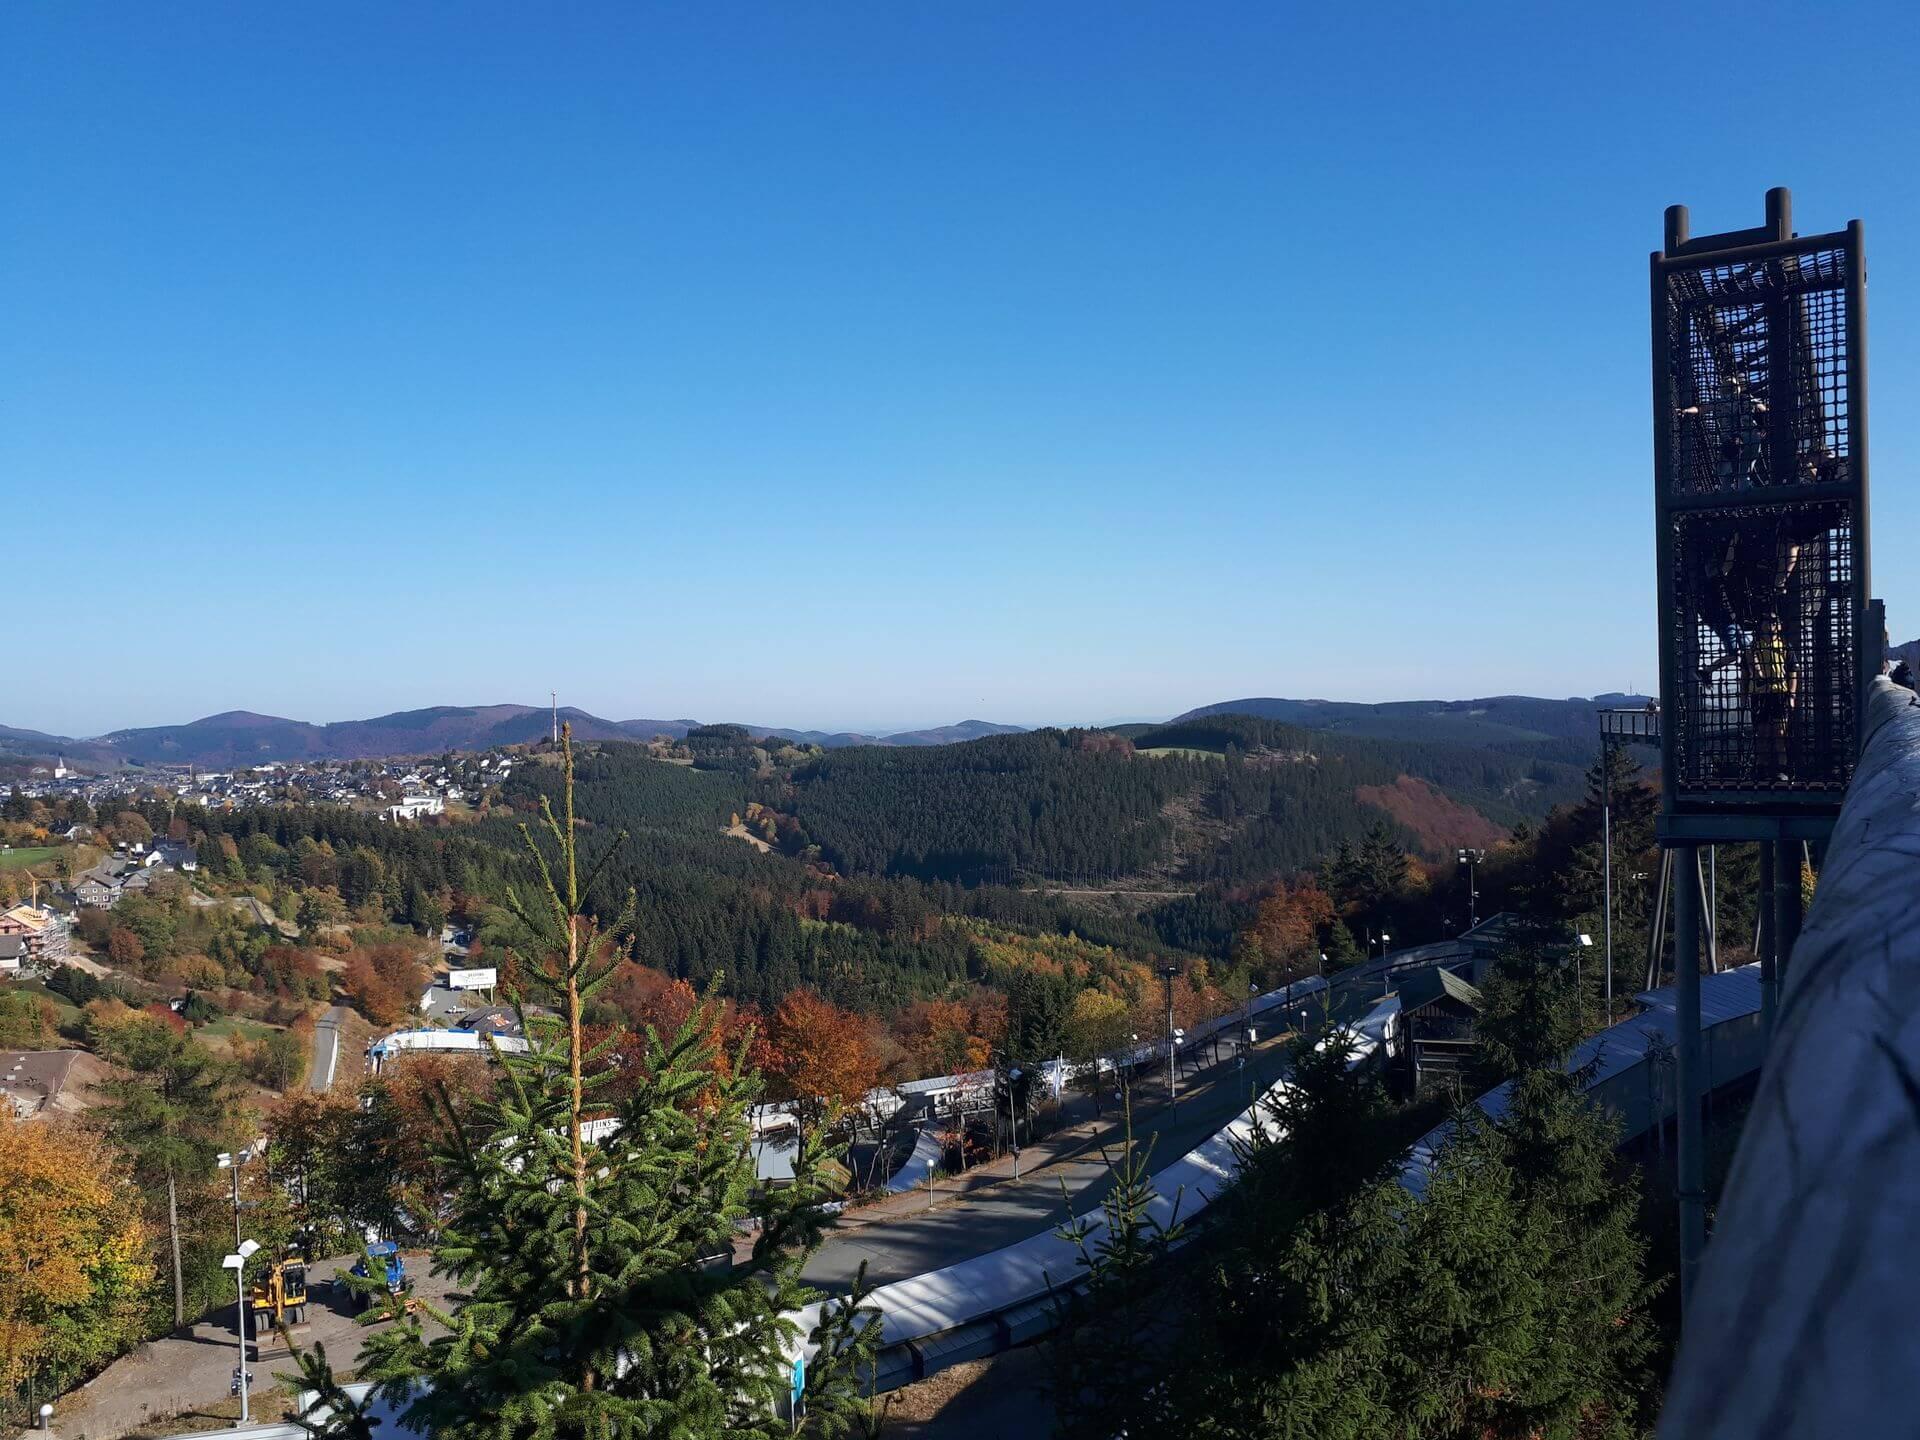 Aussicht Natur von der Panorama Erlebnis Brücke in Winterberg